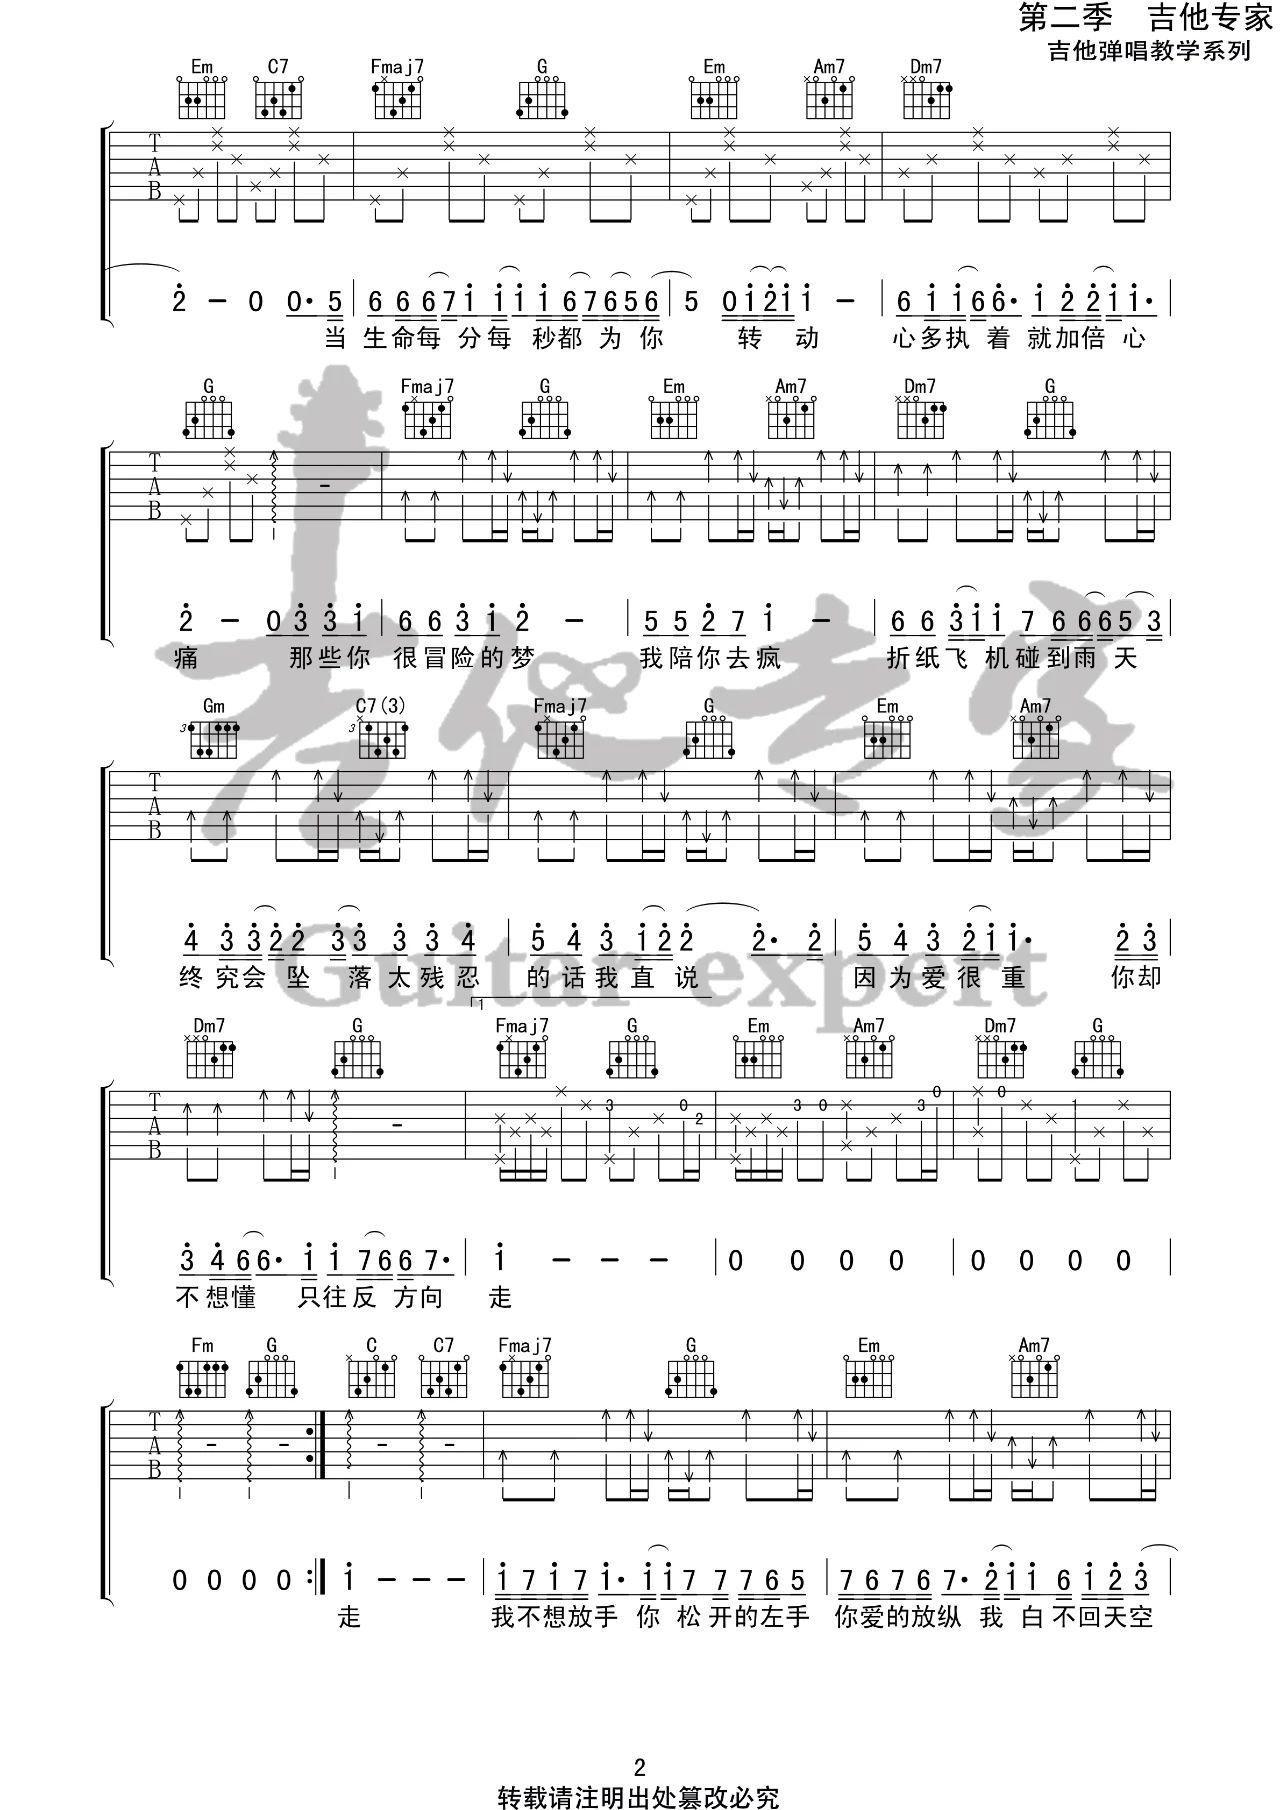 吉他派《那些你很冒险的梦》吉他谱吉他专家版-2